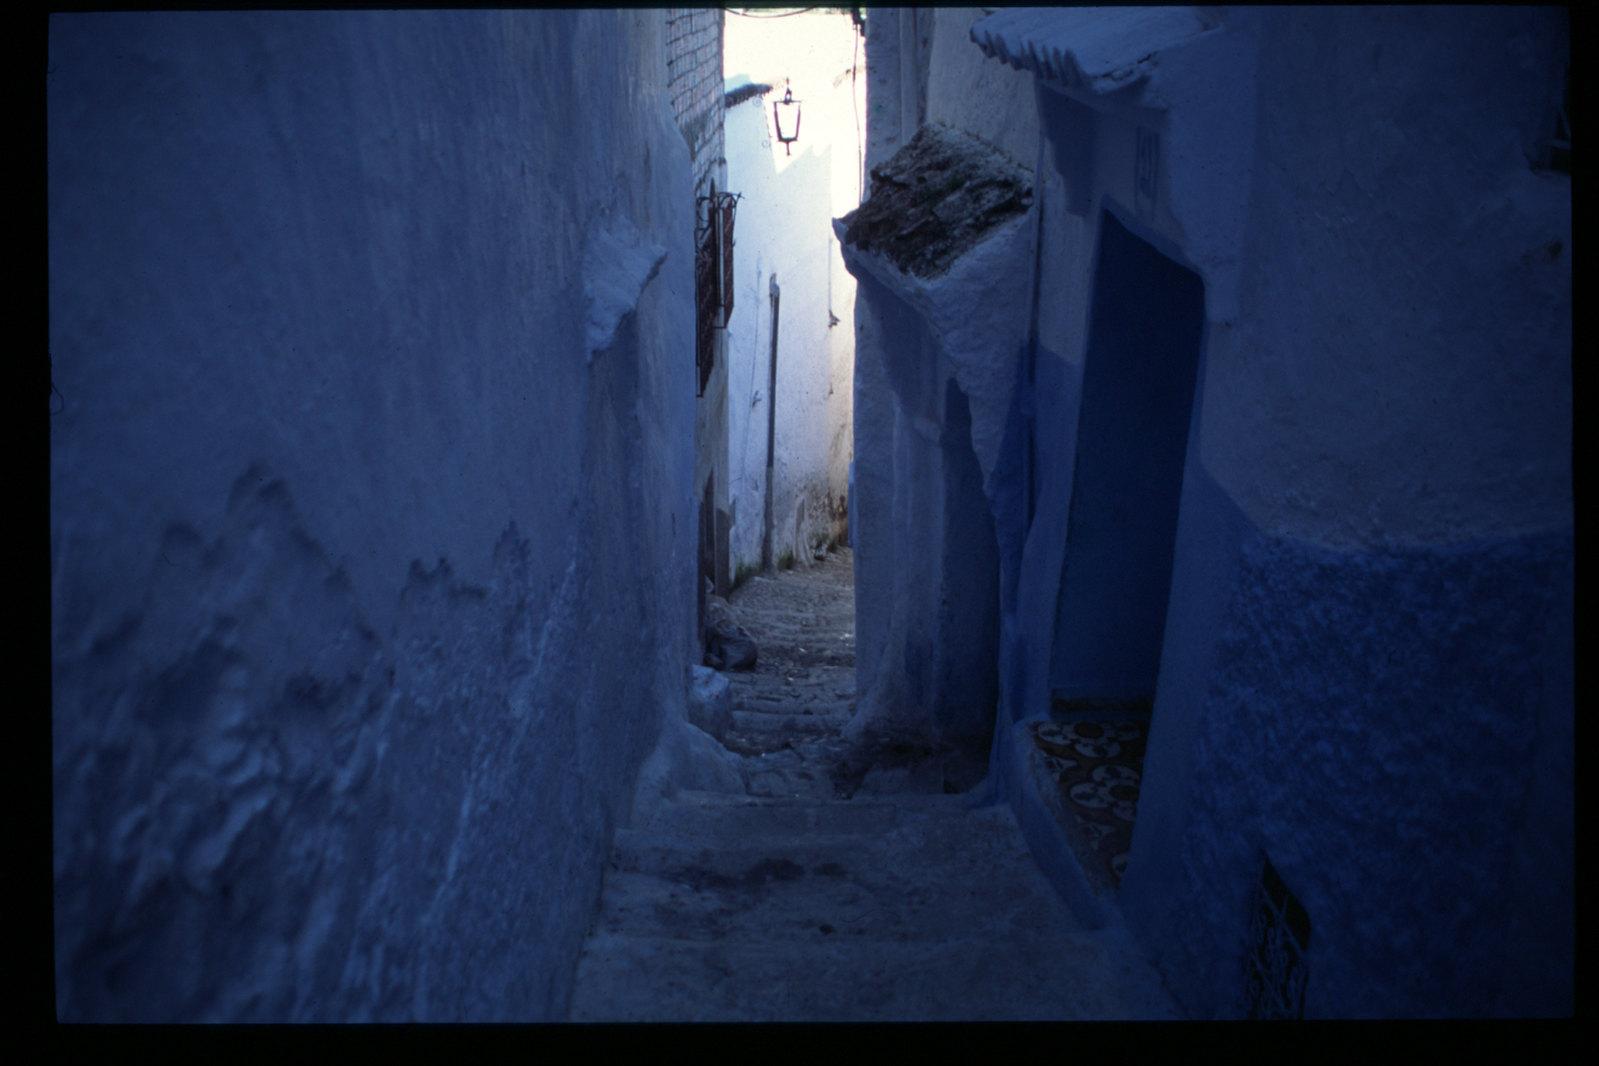 Chefchaouen - Escaliers et murs bleus